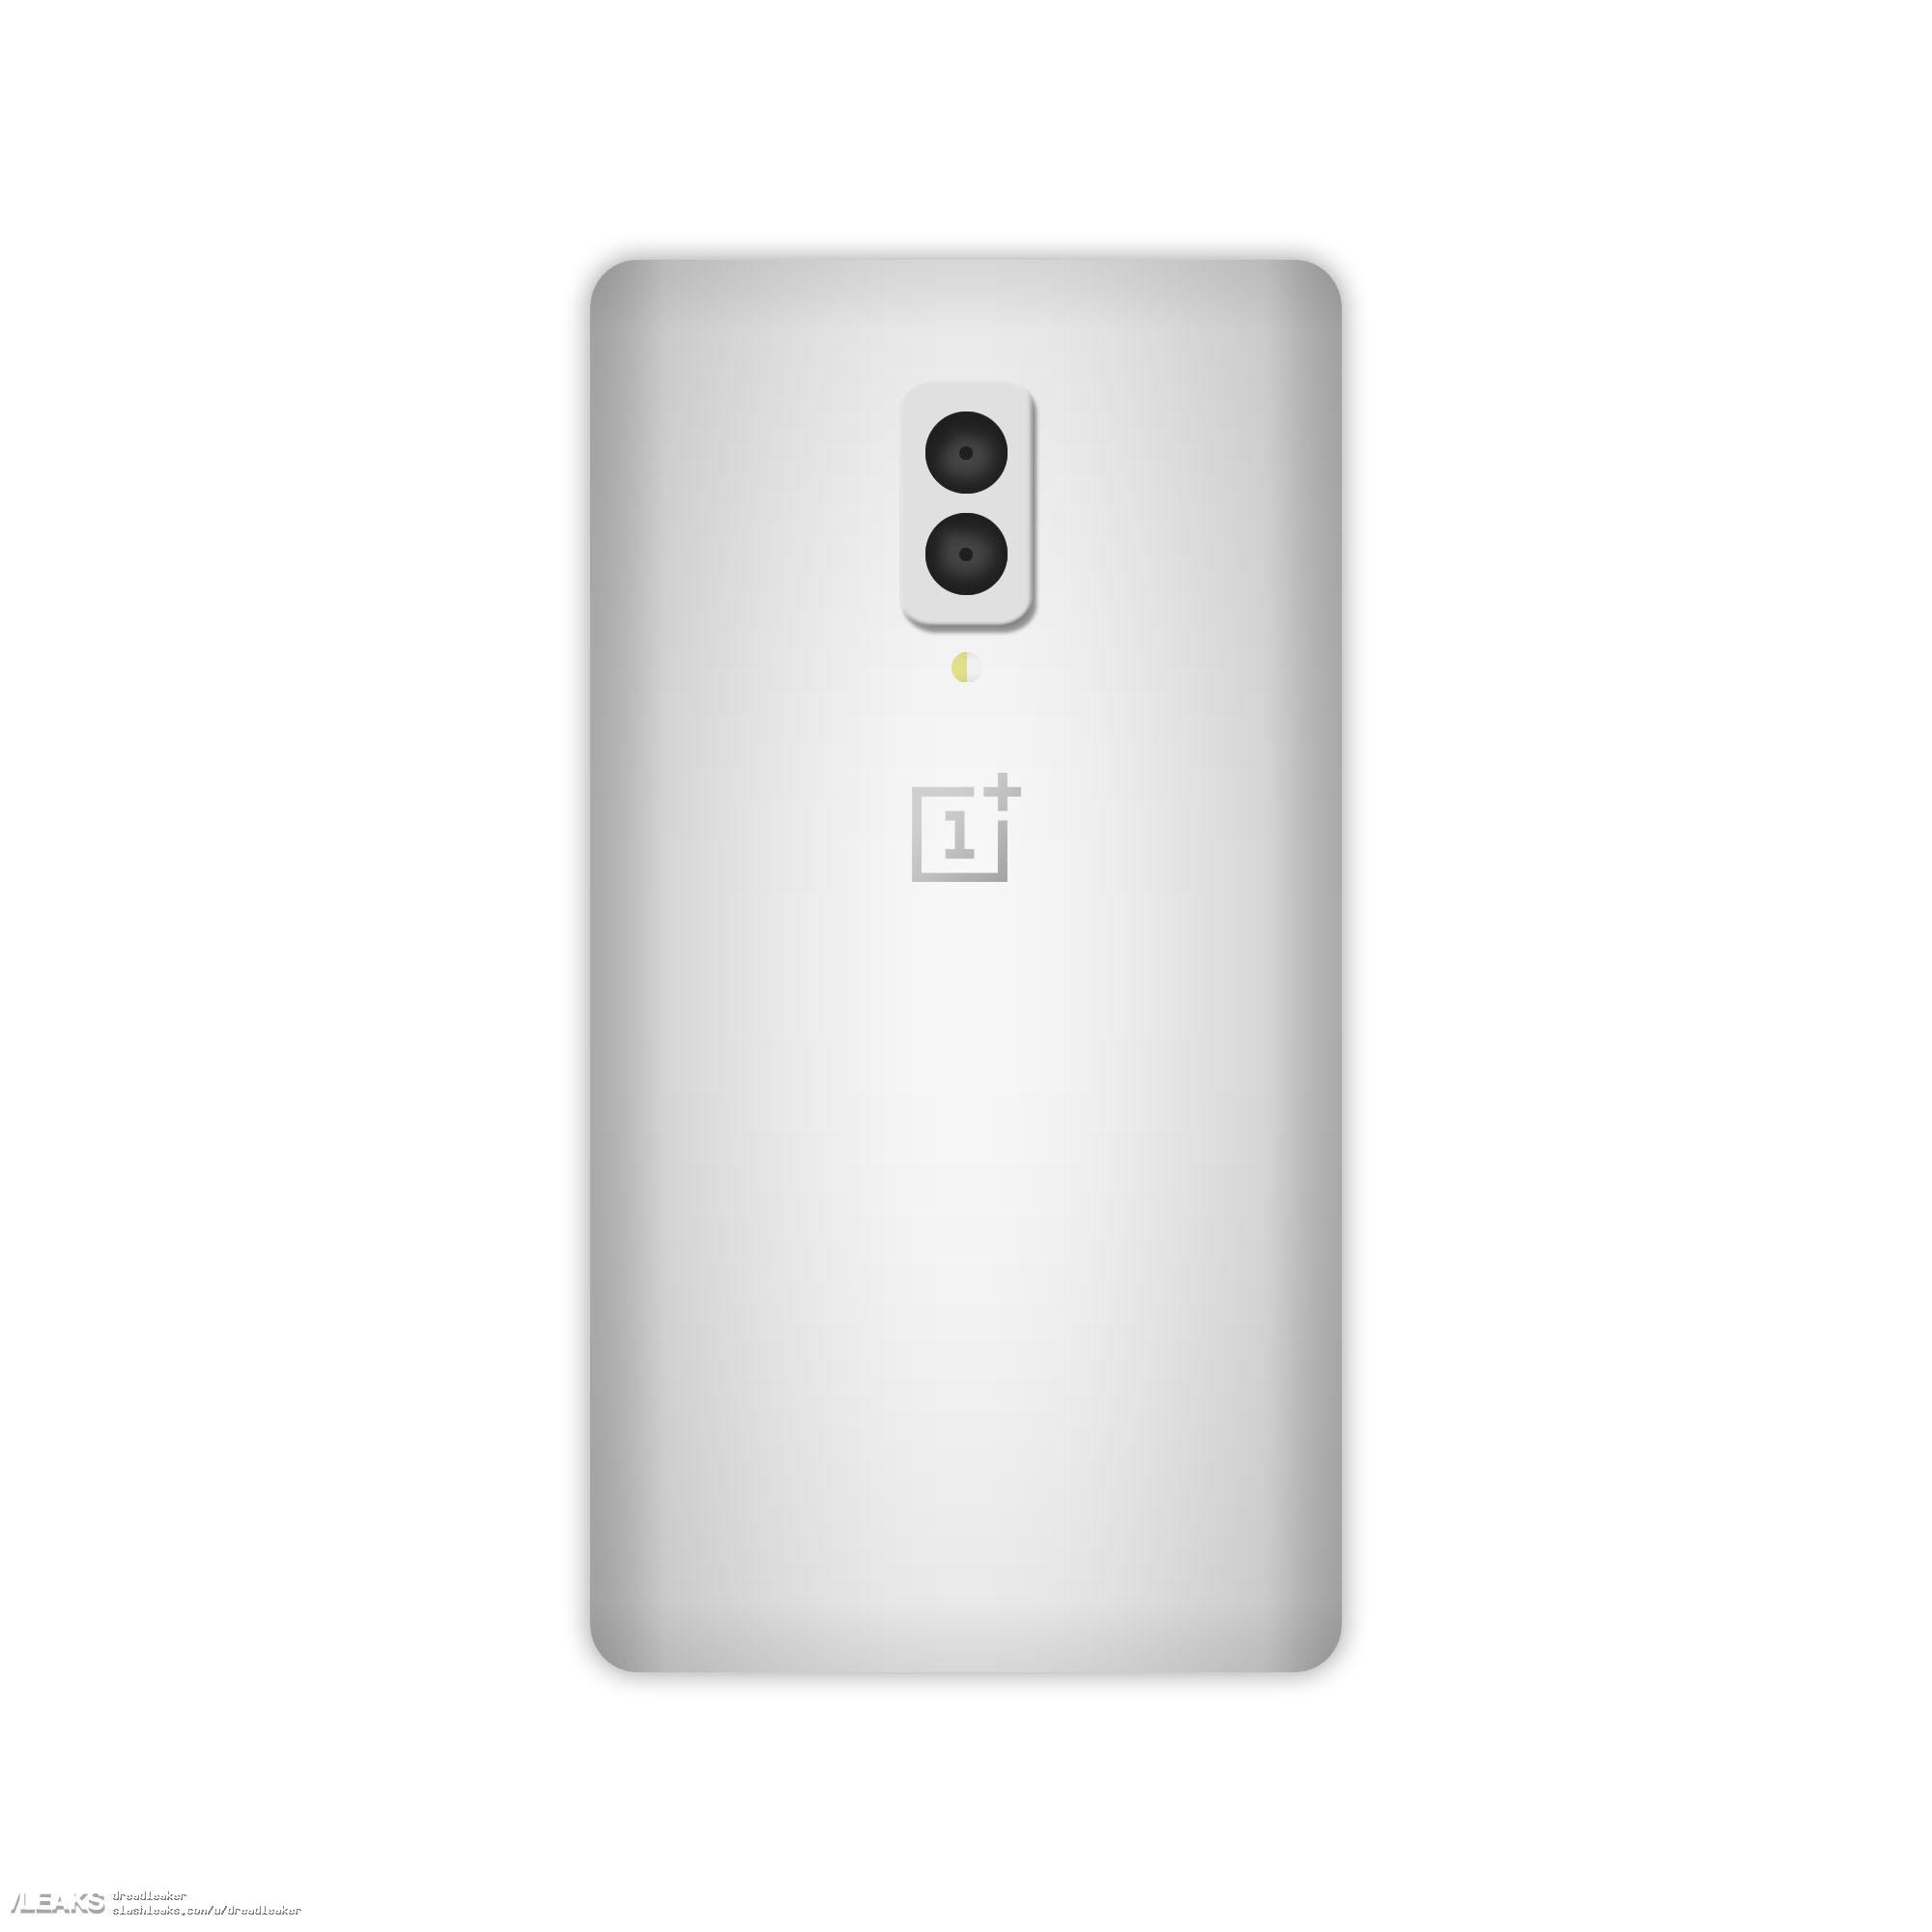 img OnePlus 5 Exclusive Renders